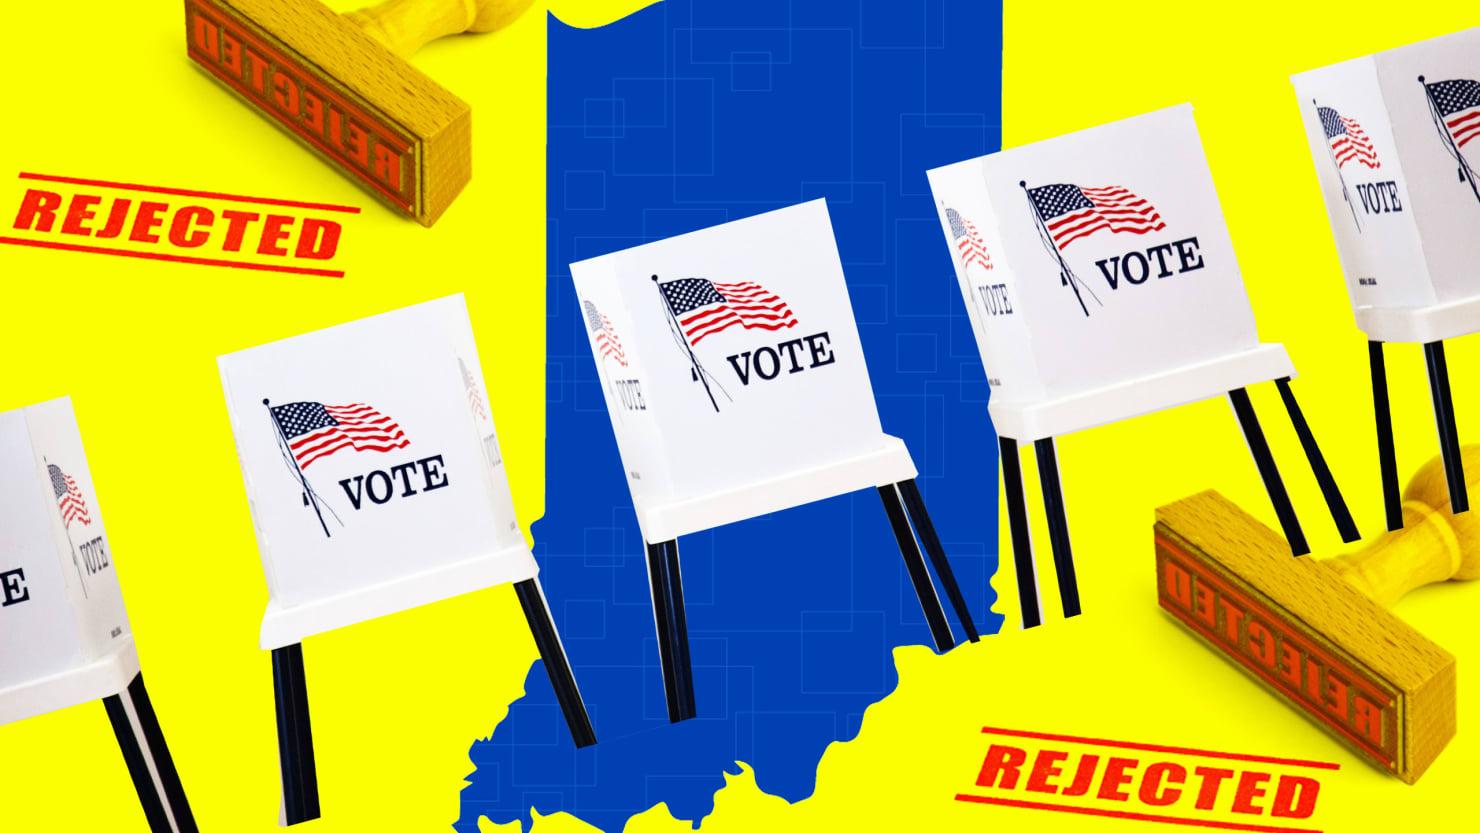 171029-weill-indiana-voter-fraud-tease_gyf21w.jpg